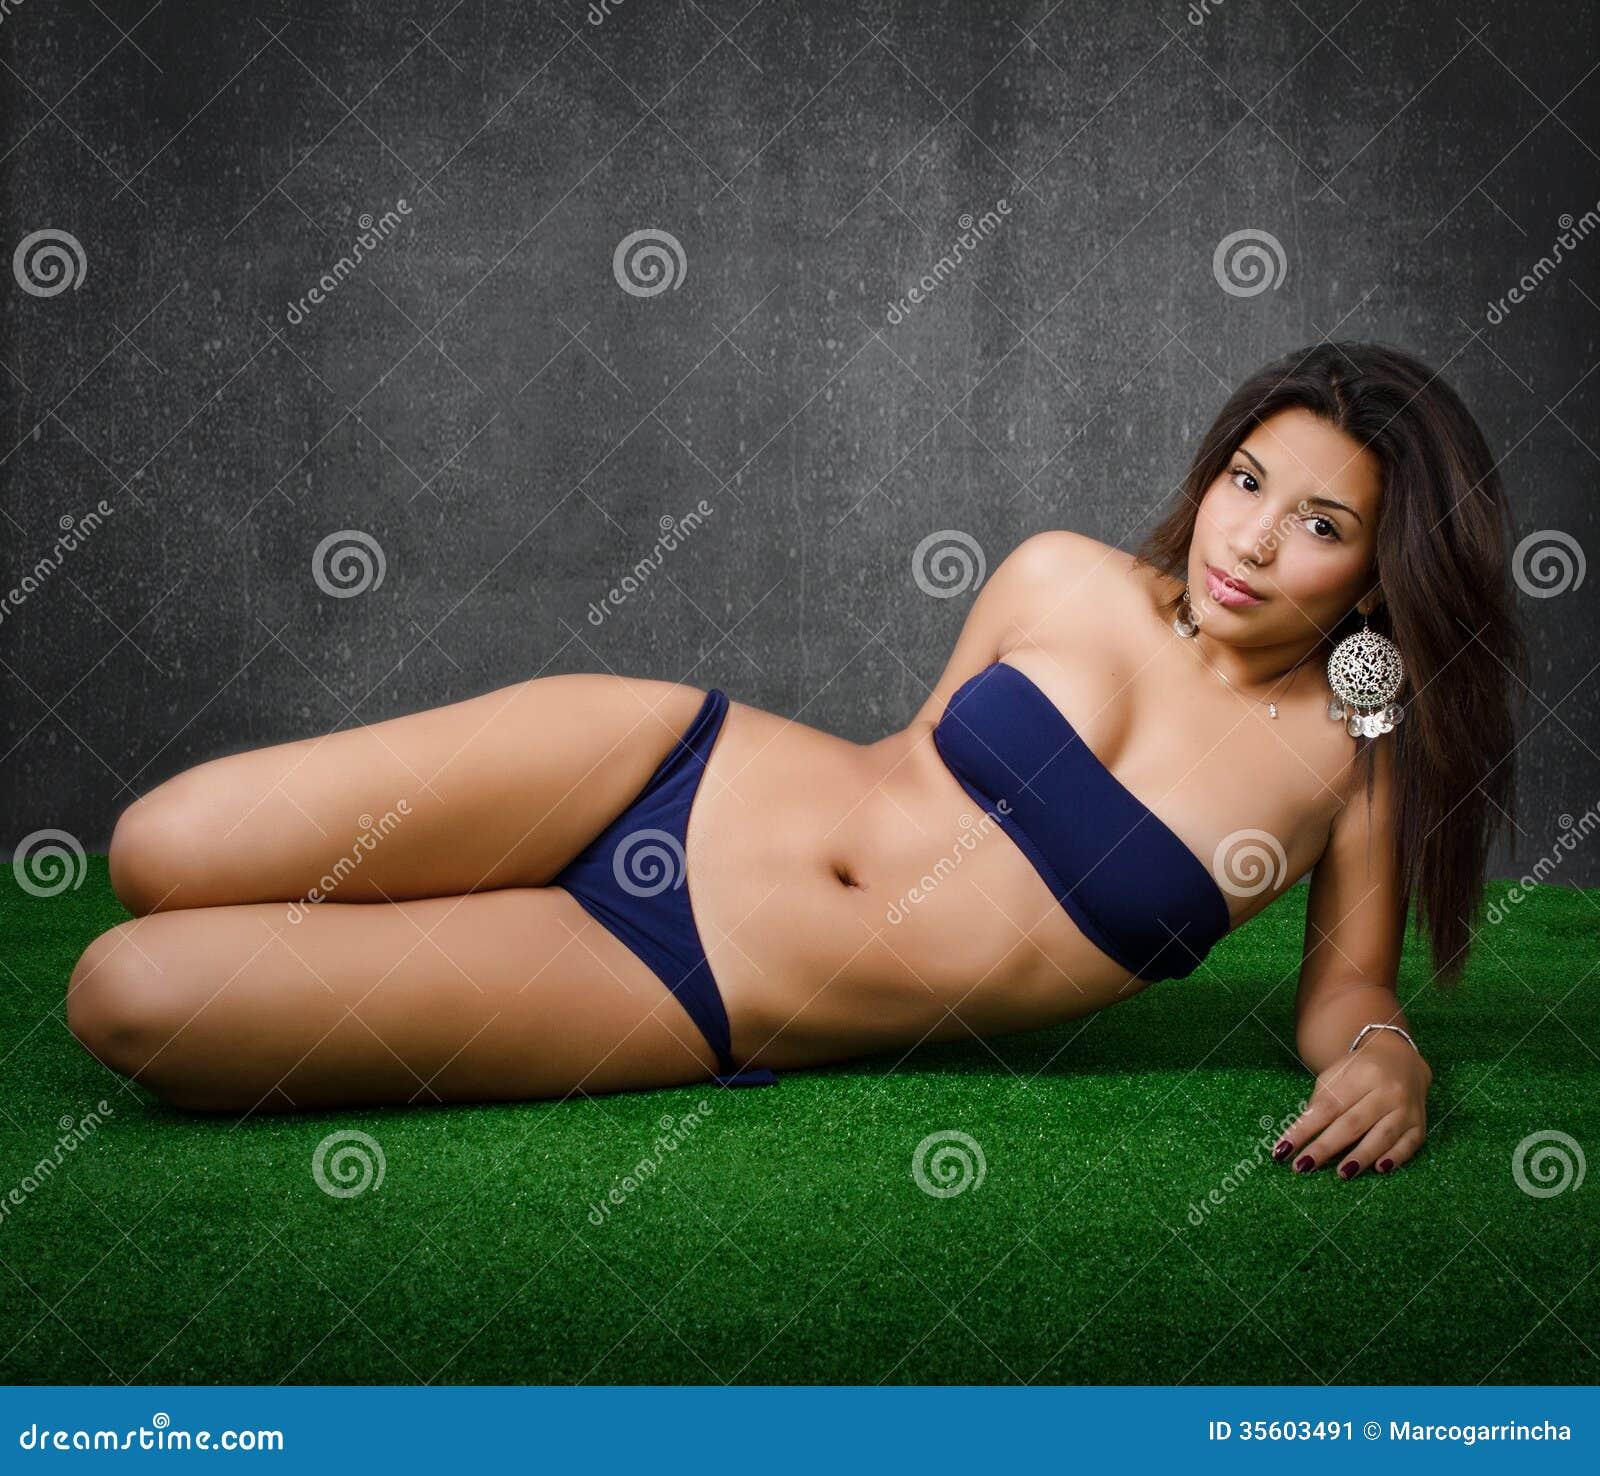 Hot lesbian maid seduction